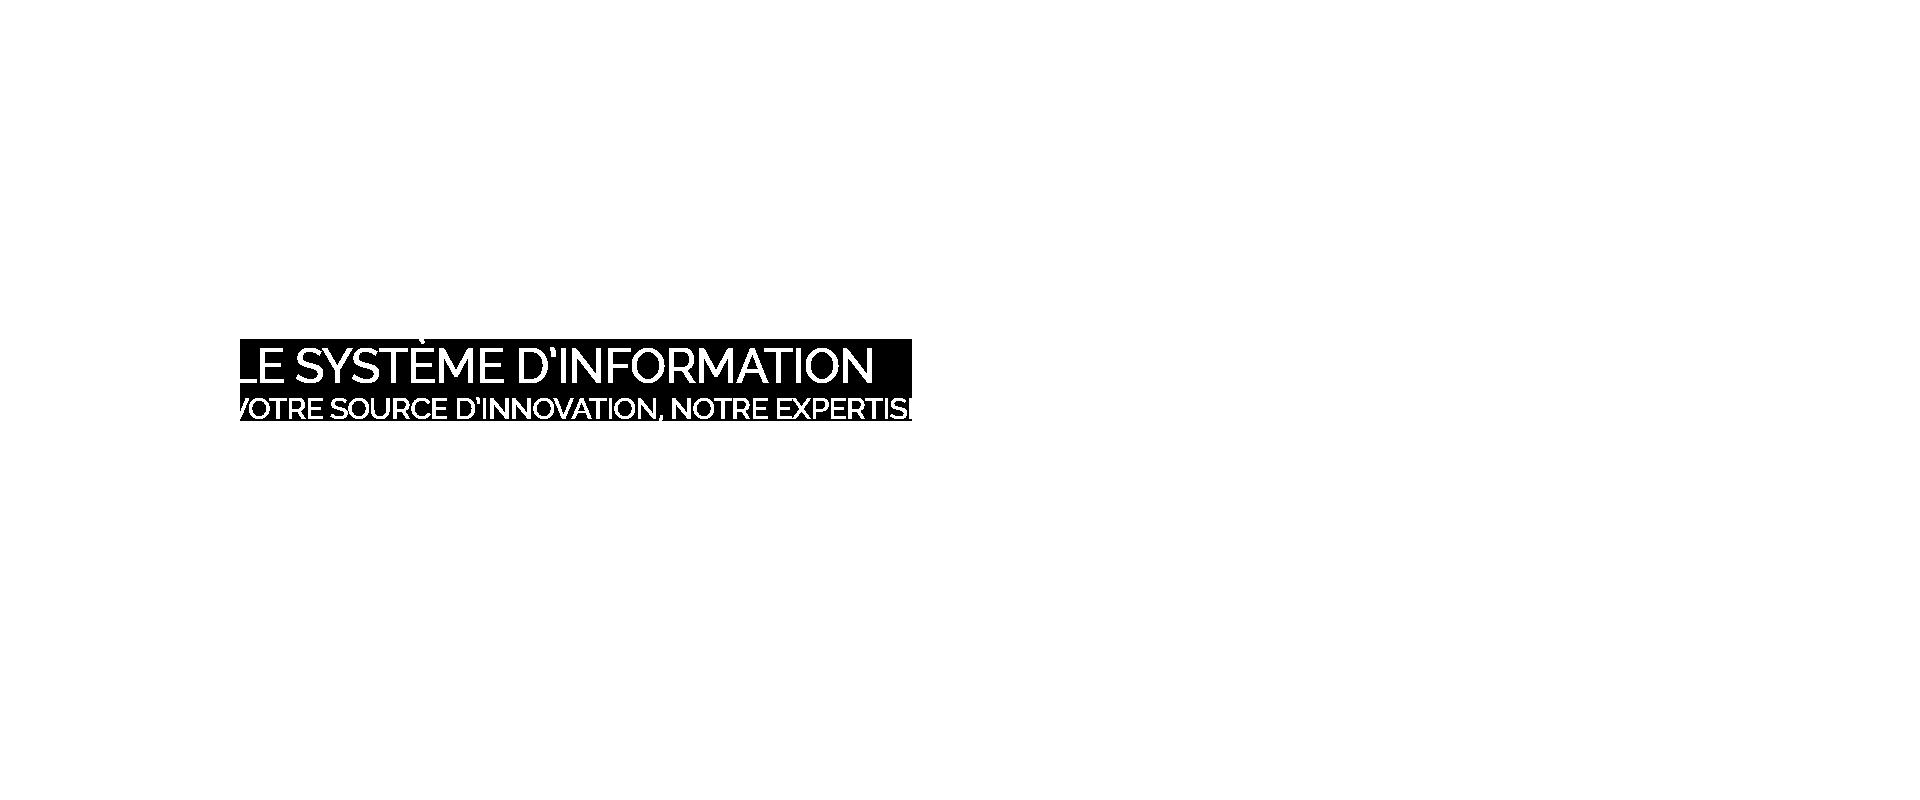 Partenaire du management de votre système d'information